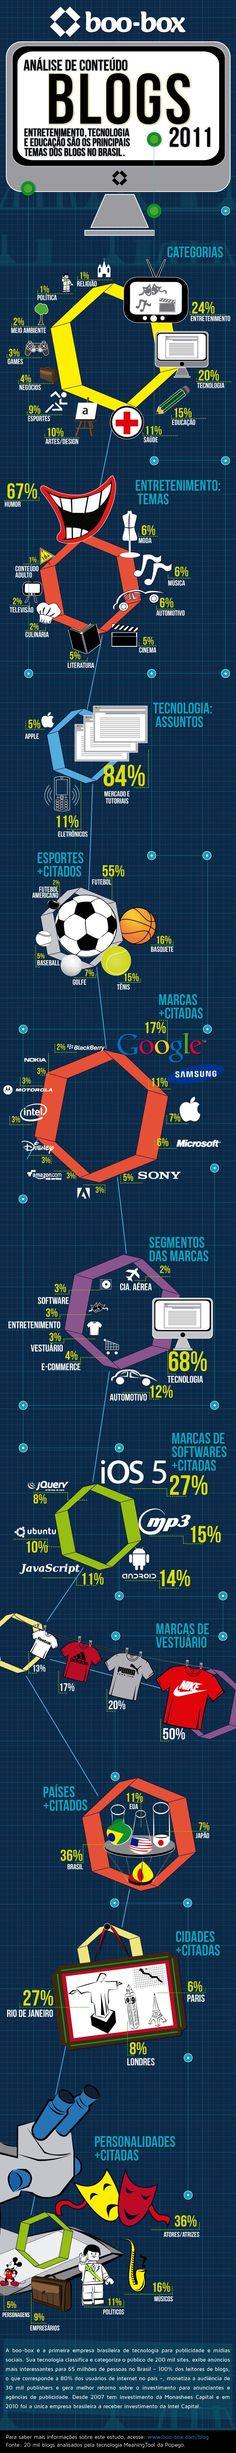 Conteúdo dos Blogs no Brasil via @booboxbr